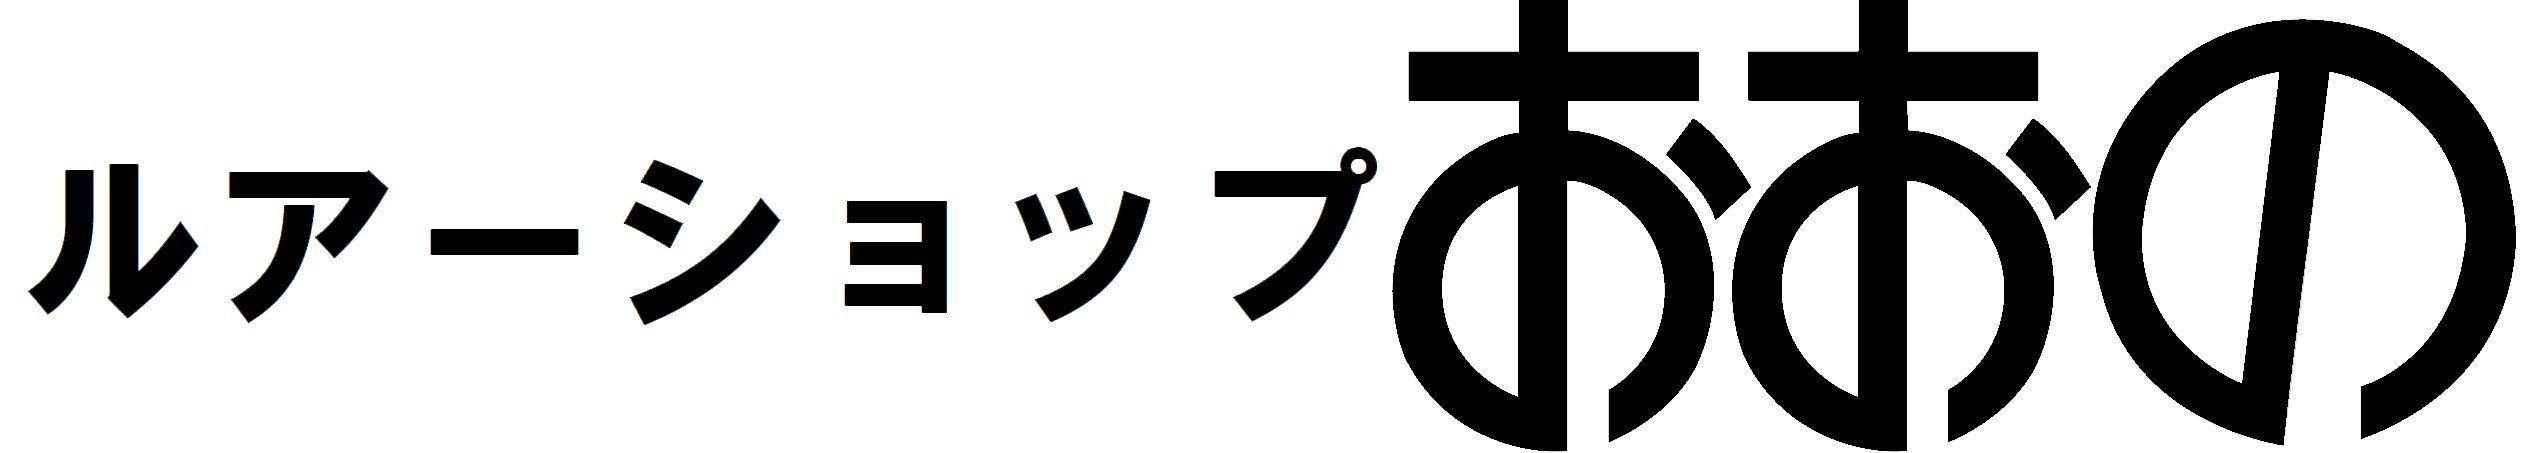 """[イベント]ZENAQロッド \""""体感\"""" 展示会のご案内_a0153216_17031868.jpg"""